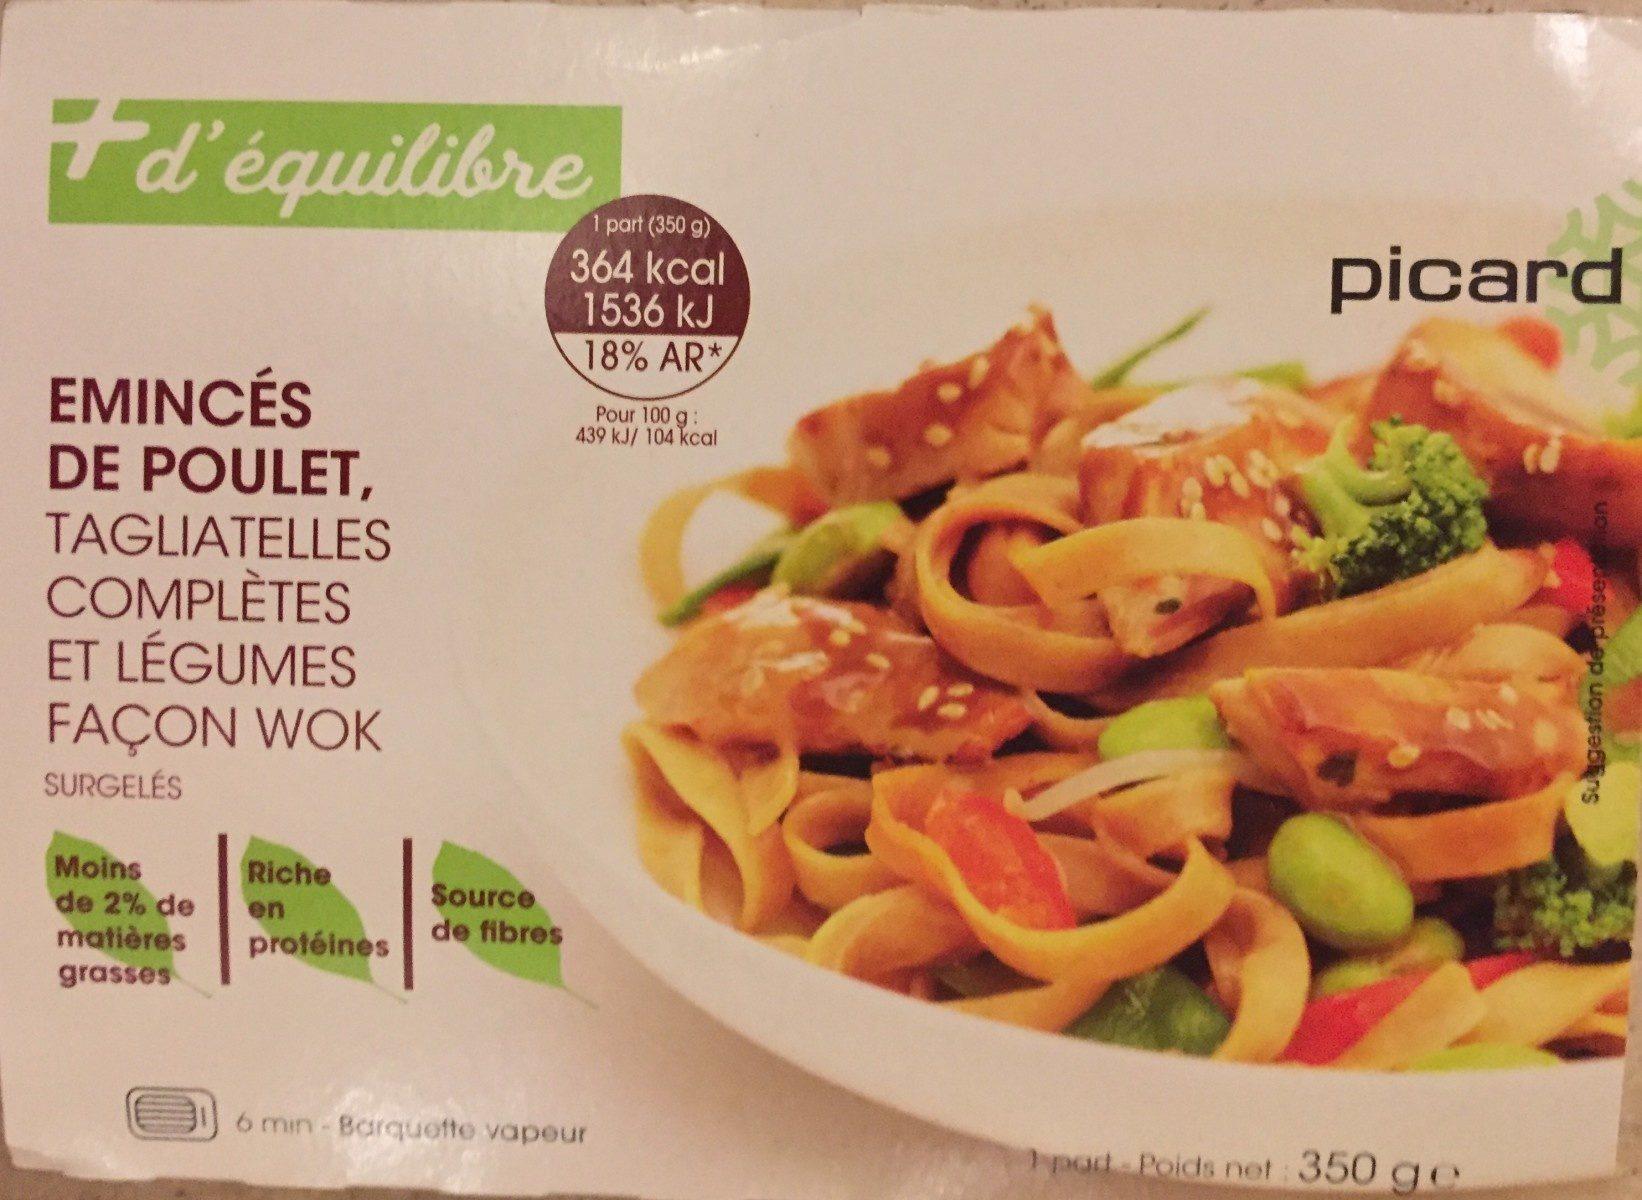 Émincés de poulet tagliatelles complètes et légumes façon wok - Produit - fr